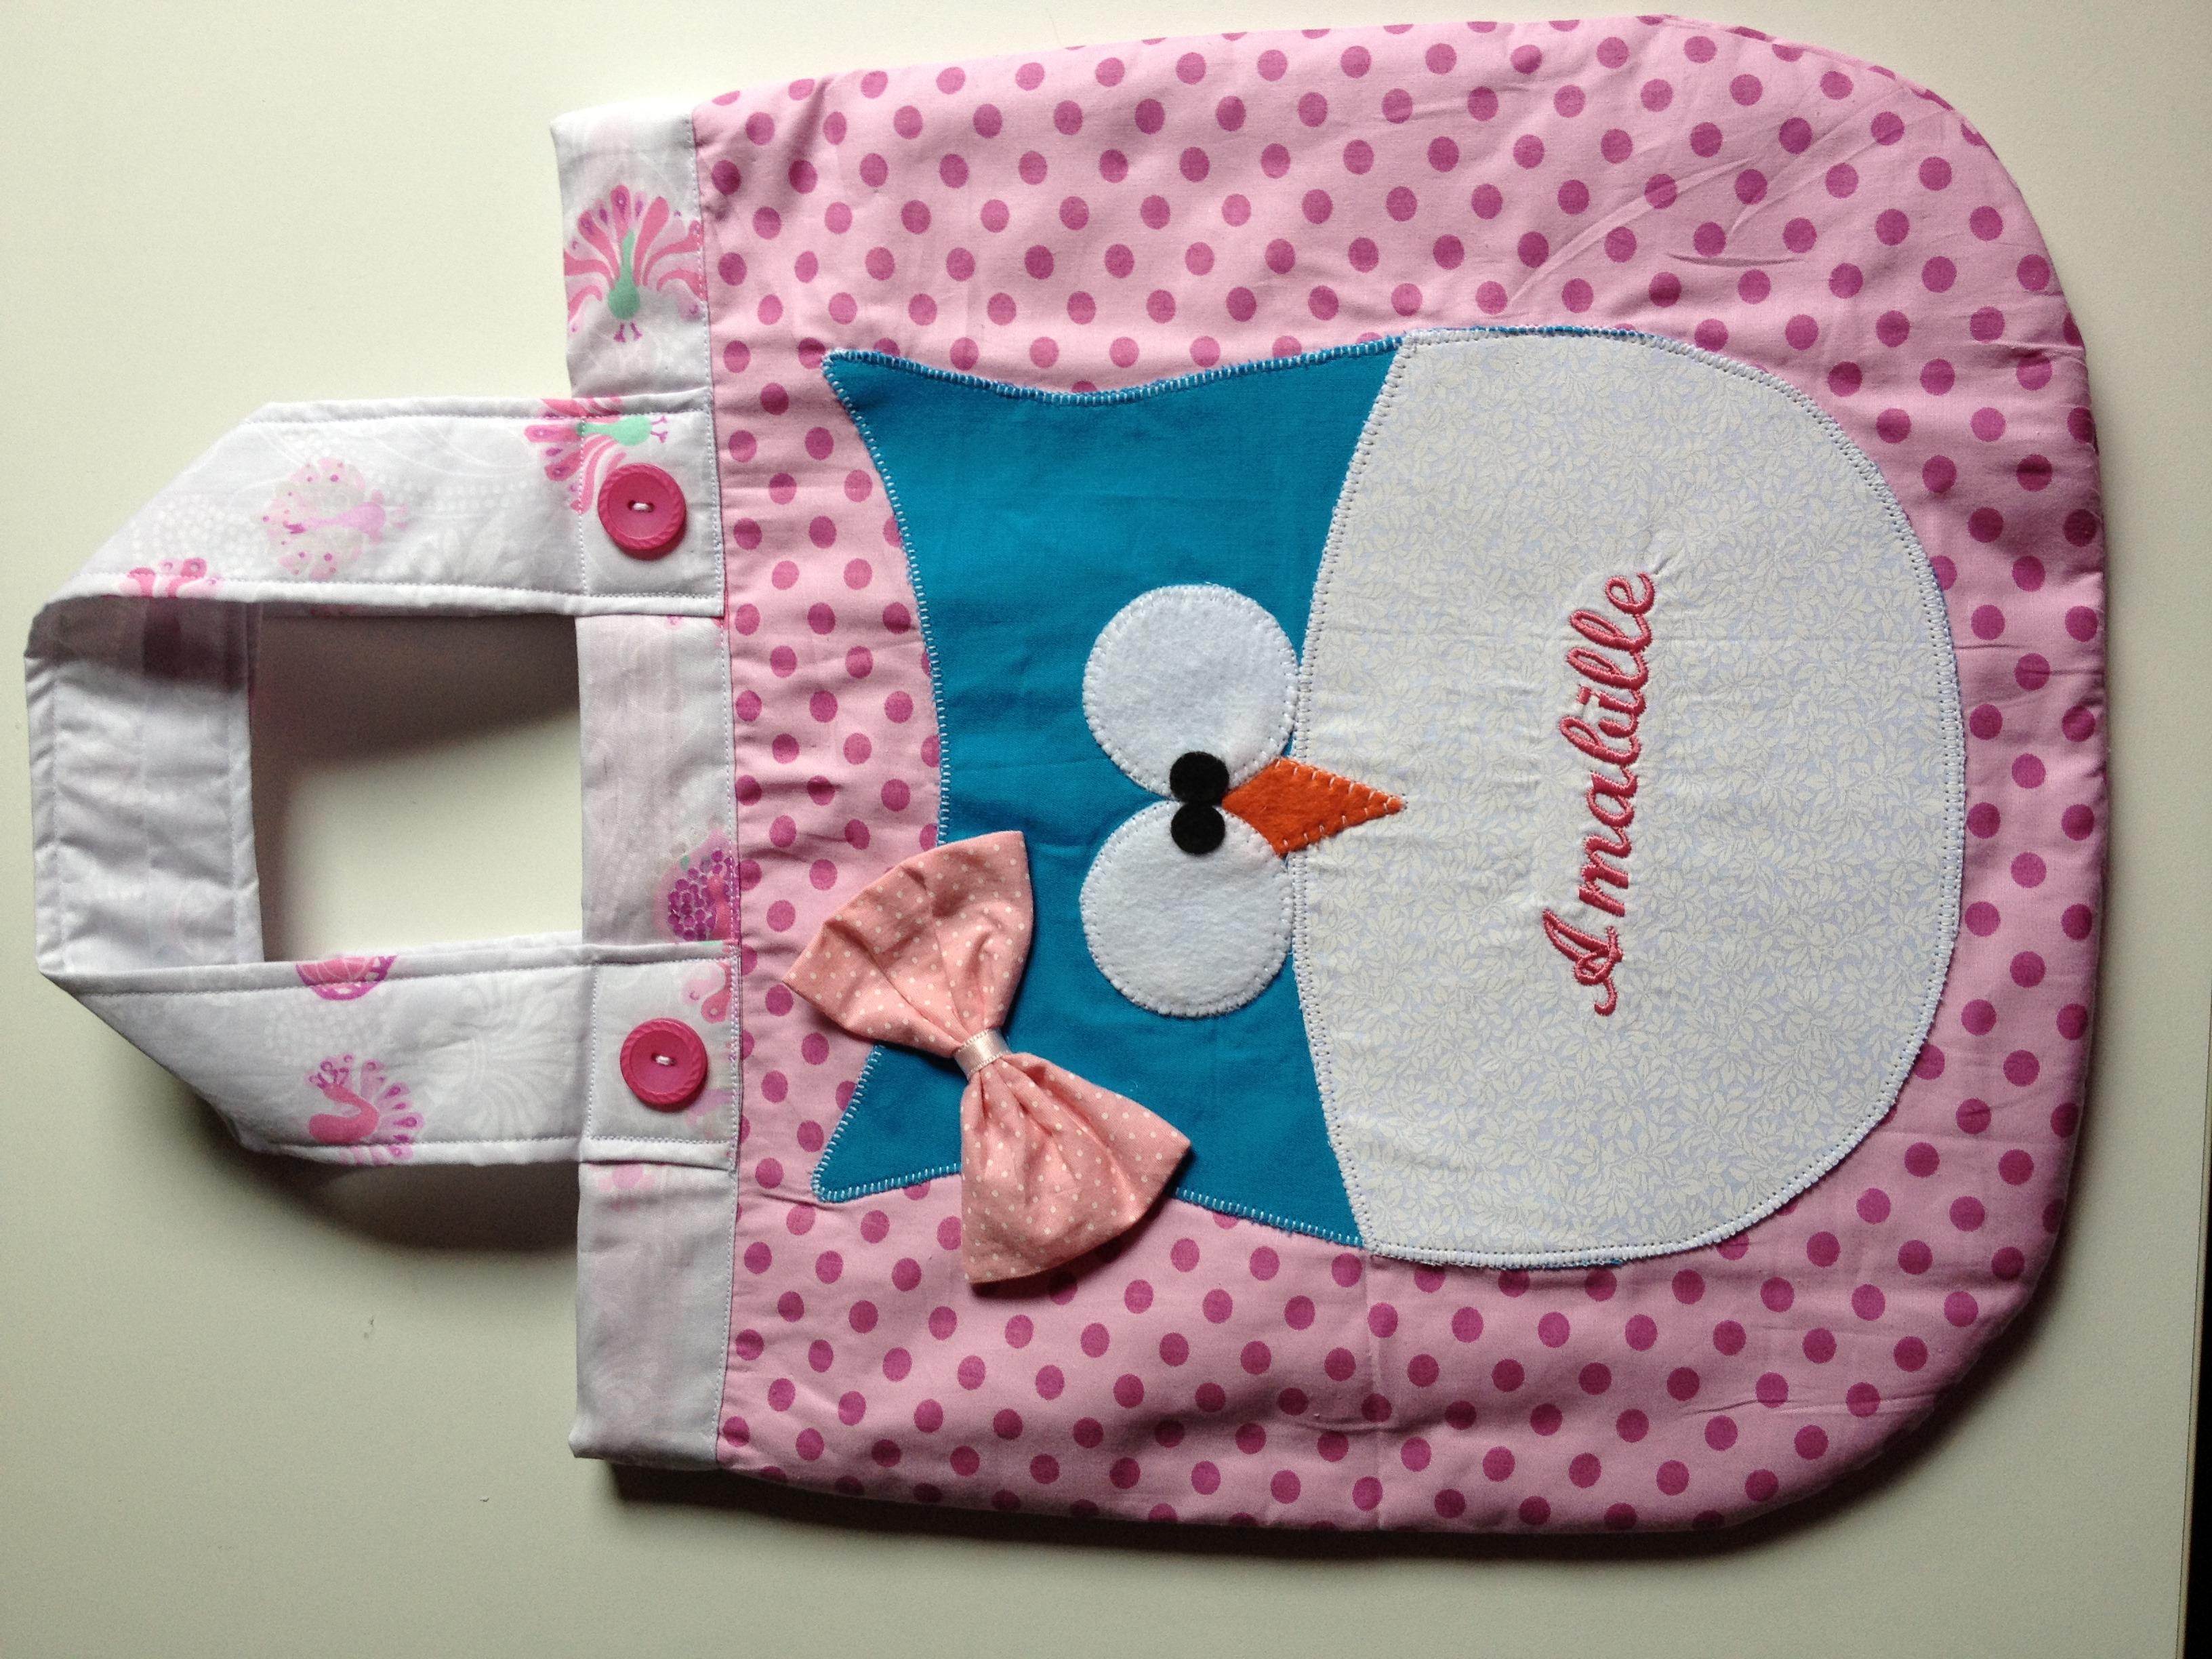 Bolsa personalizadas arte lembrancinhas elo7 - Bolsas de regalo personalizadas ...